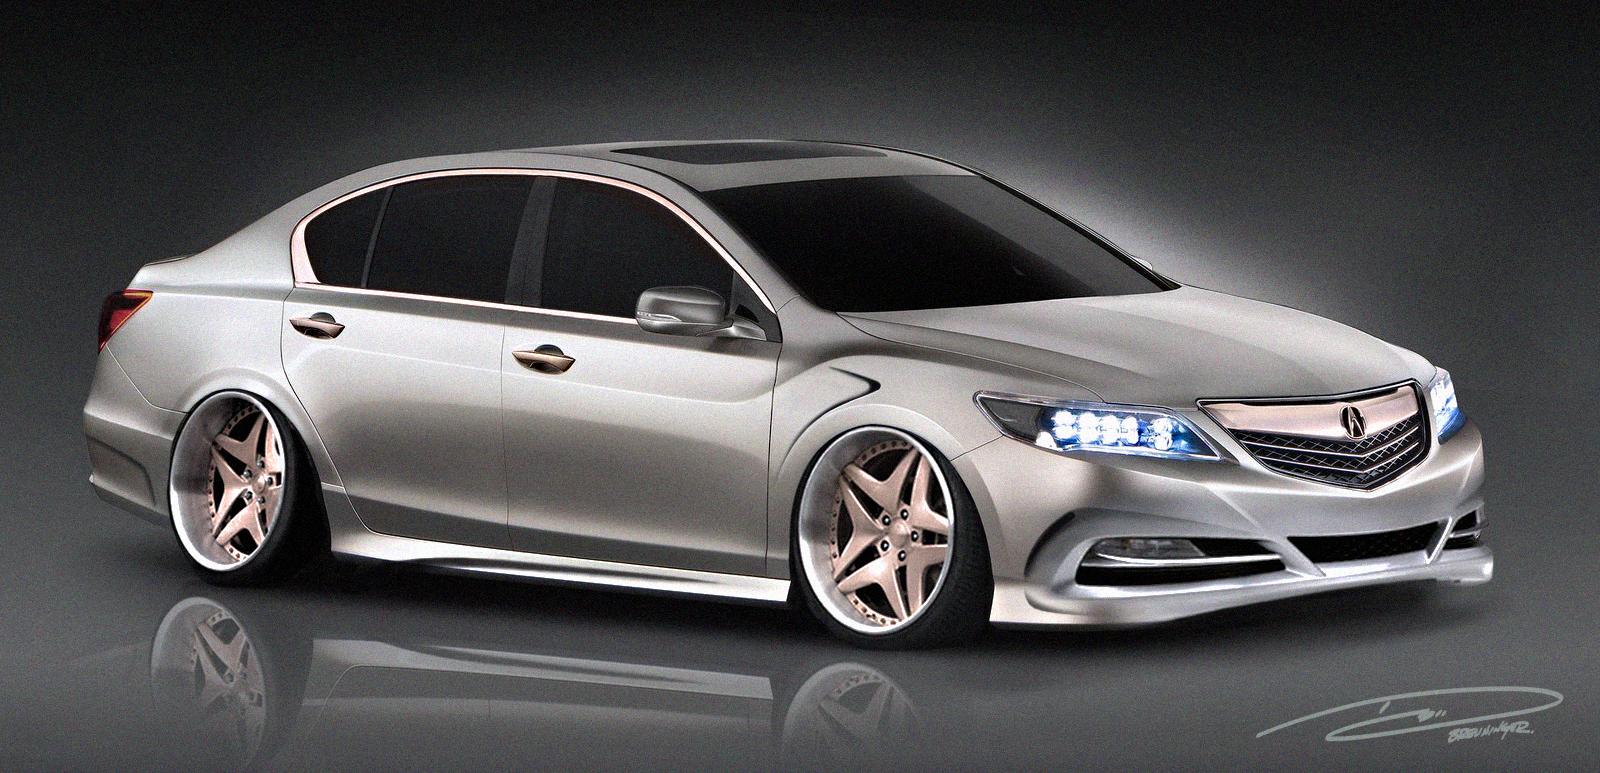 origin 2012 Acura Tl Rims